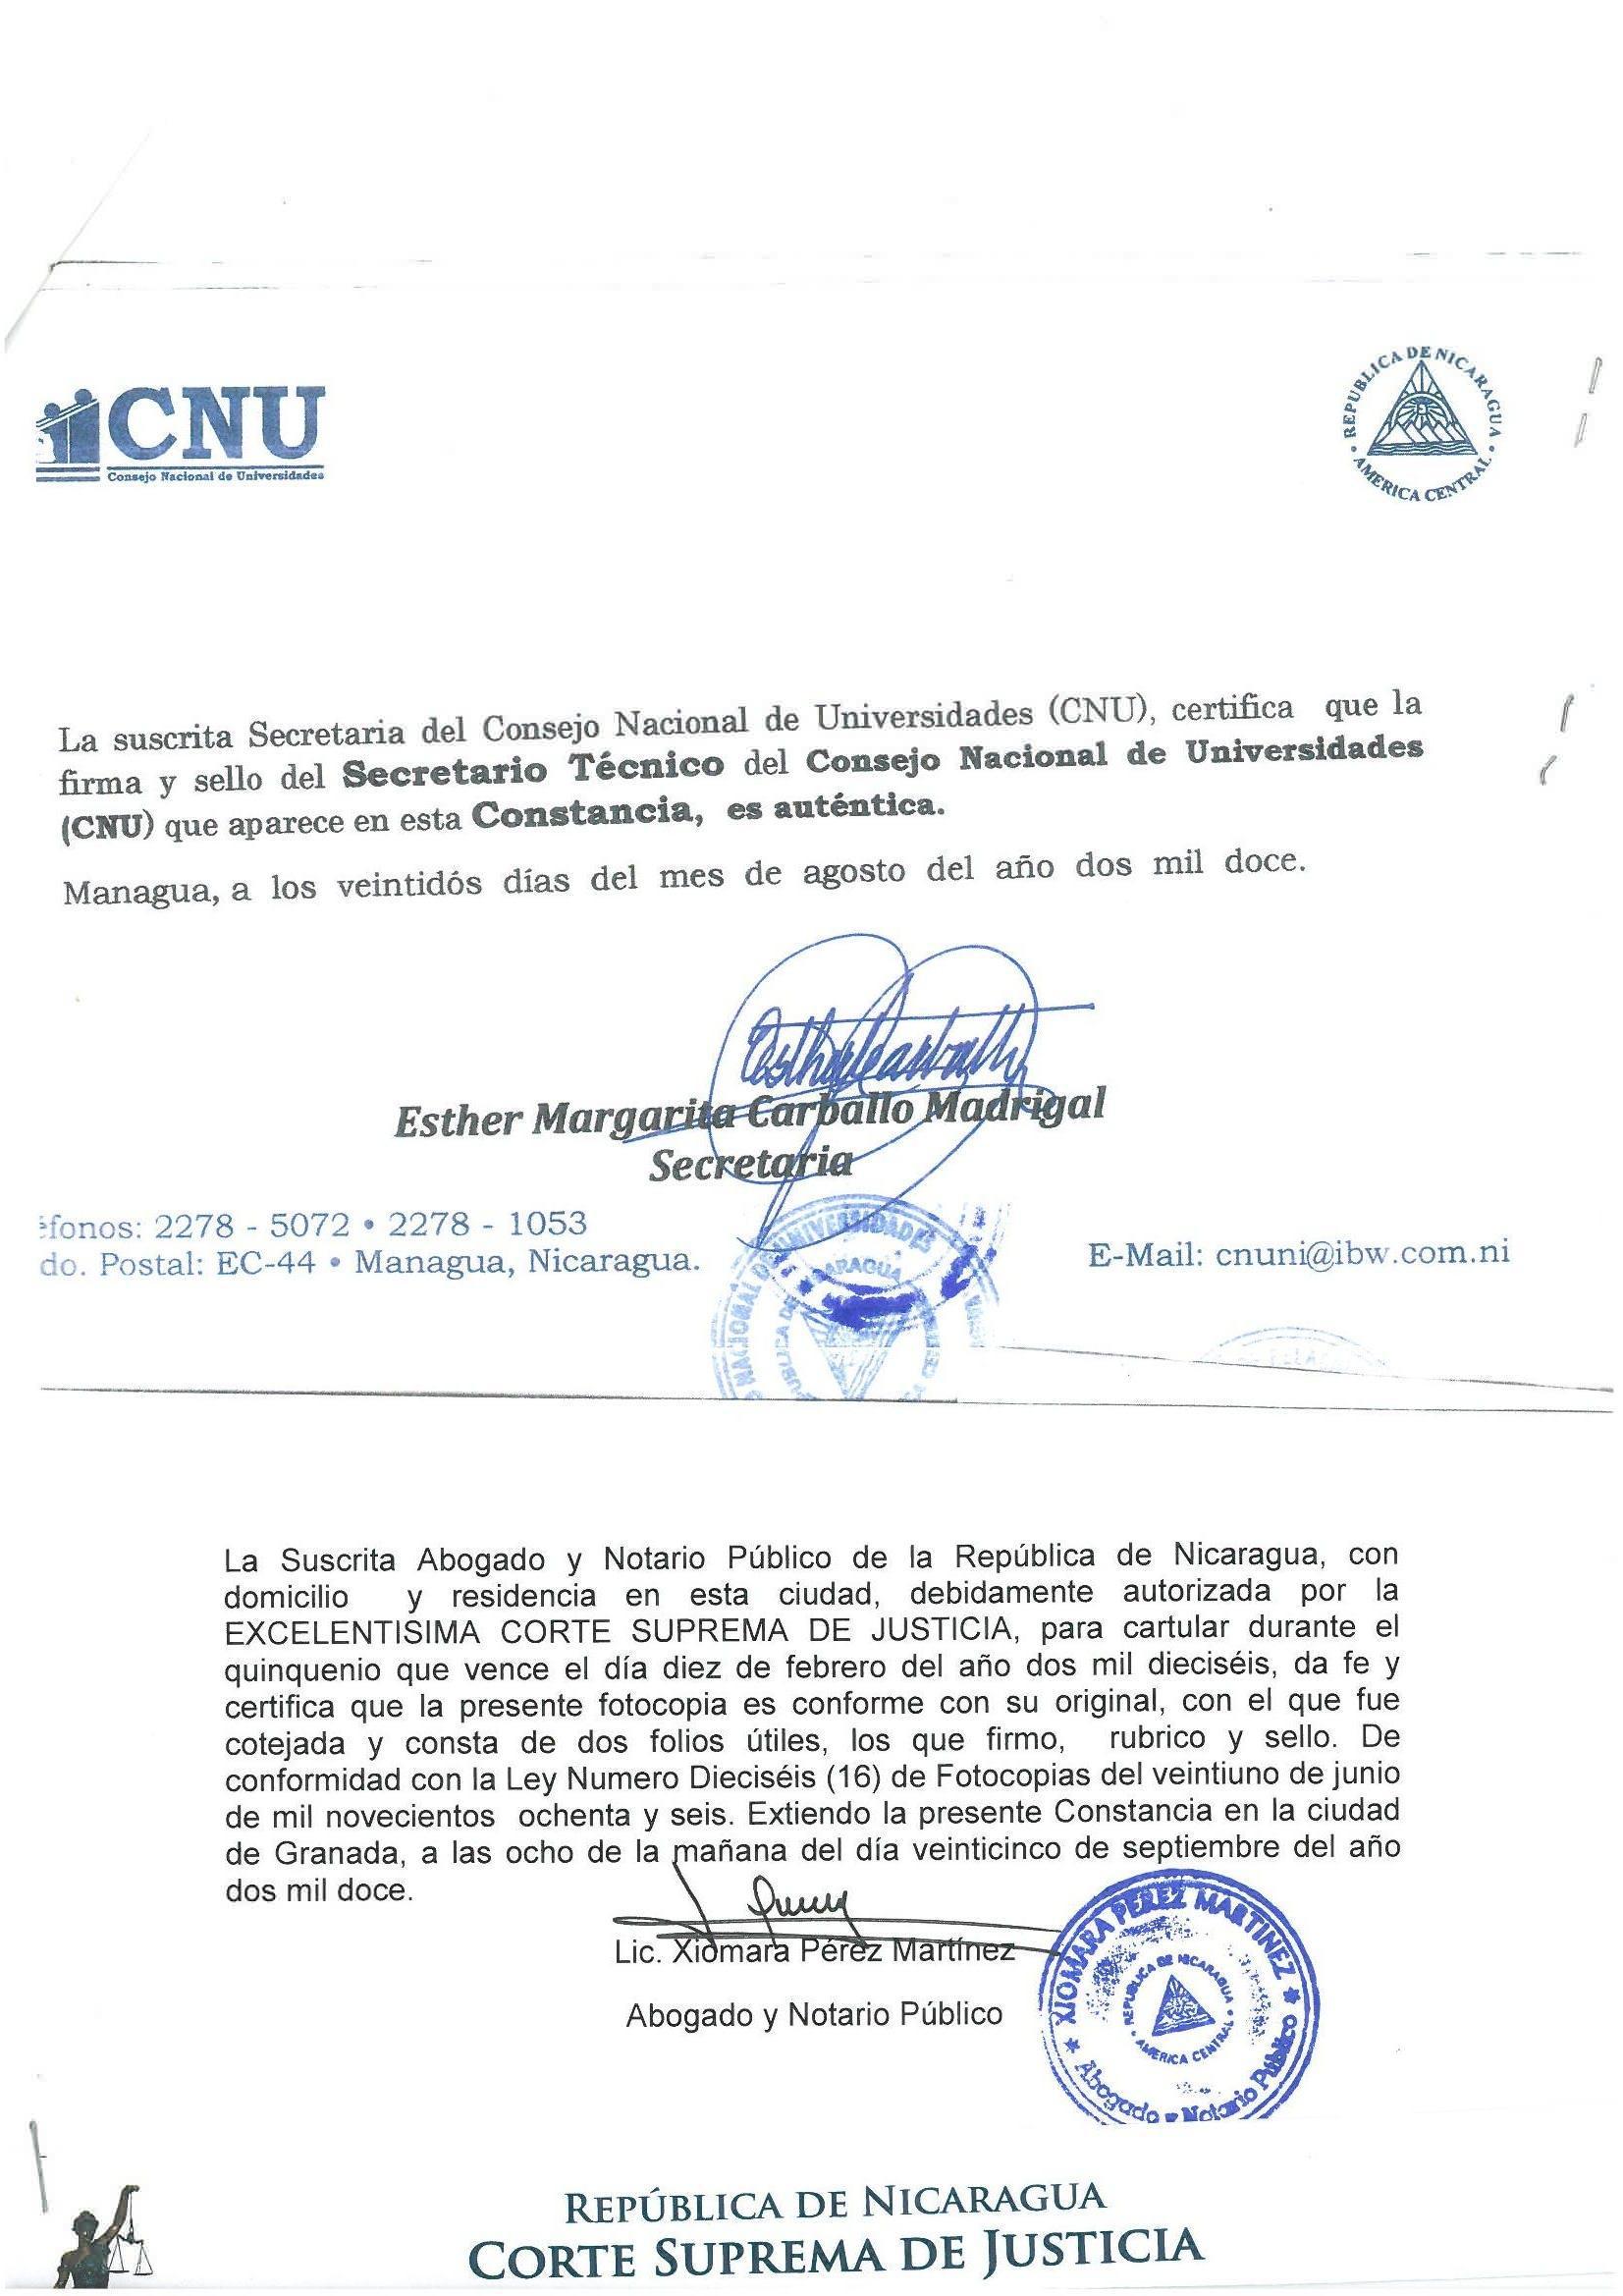 聖湯瑪斯大學 St. Tomas University(尼加拉瓜 格拉納達省)